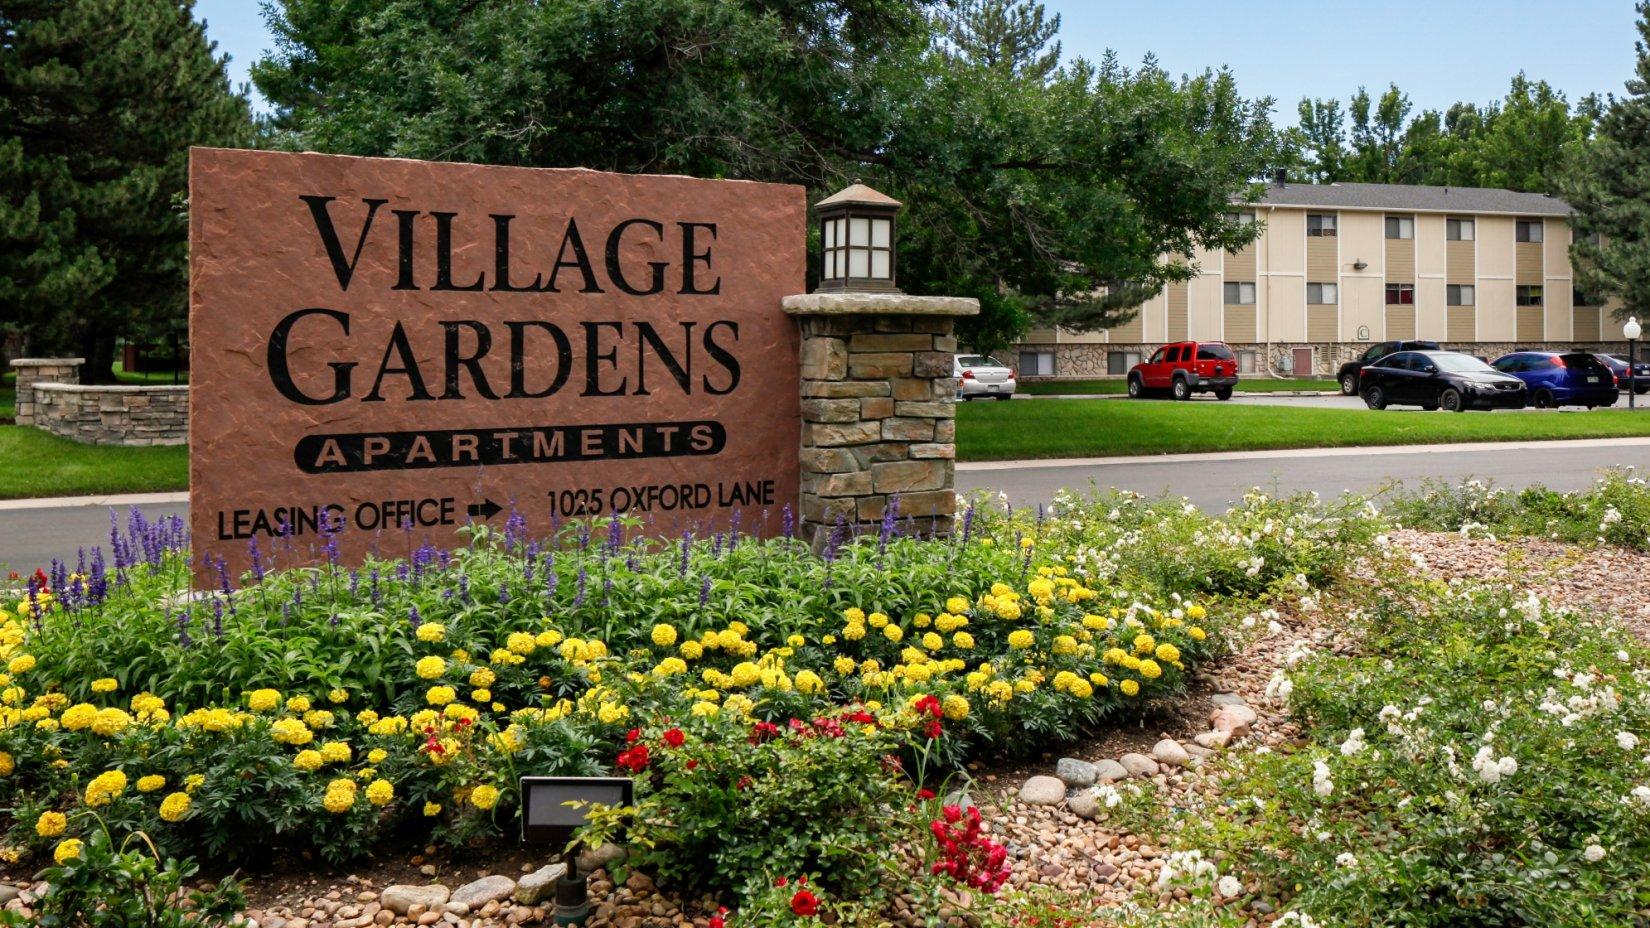 Village Gardens Apartments